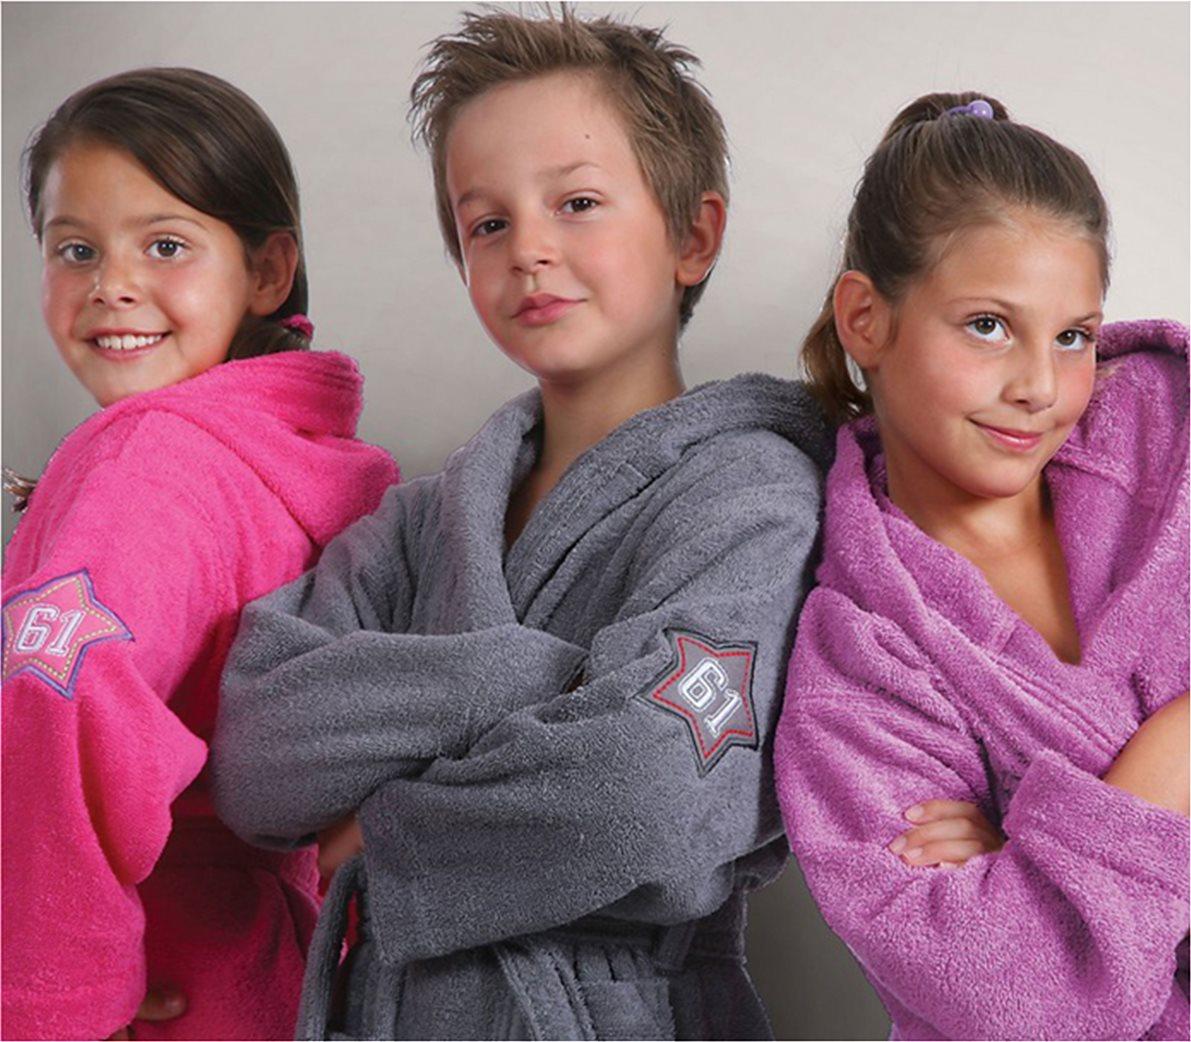 Παιδικό κόκκινο μπουρνούζι με κουκούλα (10 ετών) NEF-NEF 2